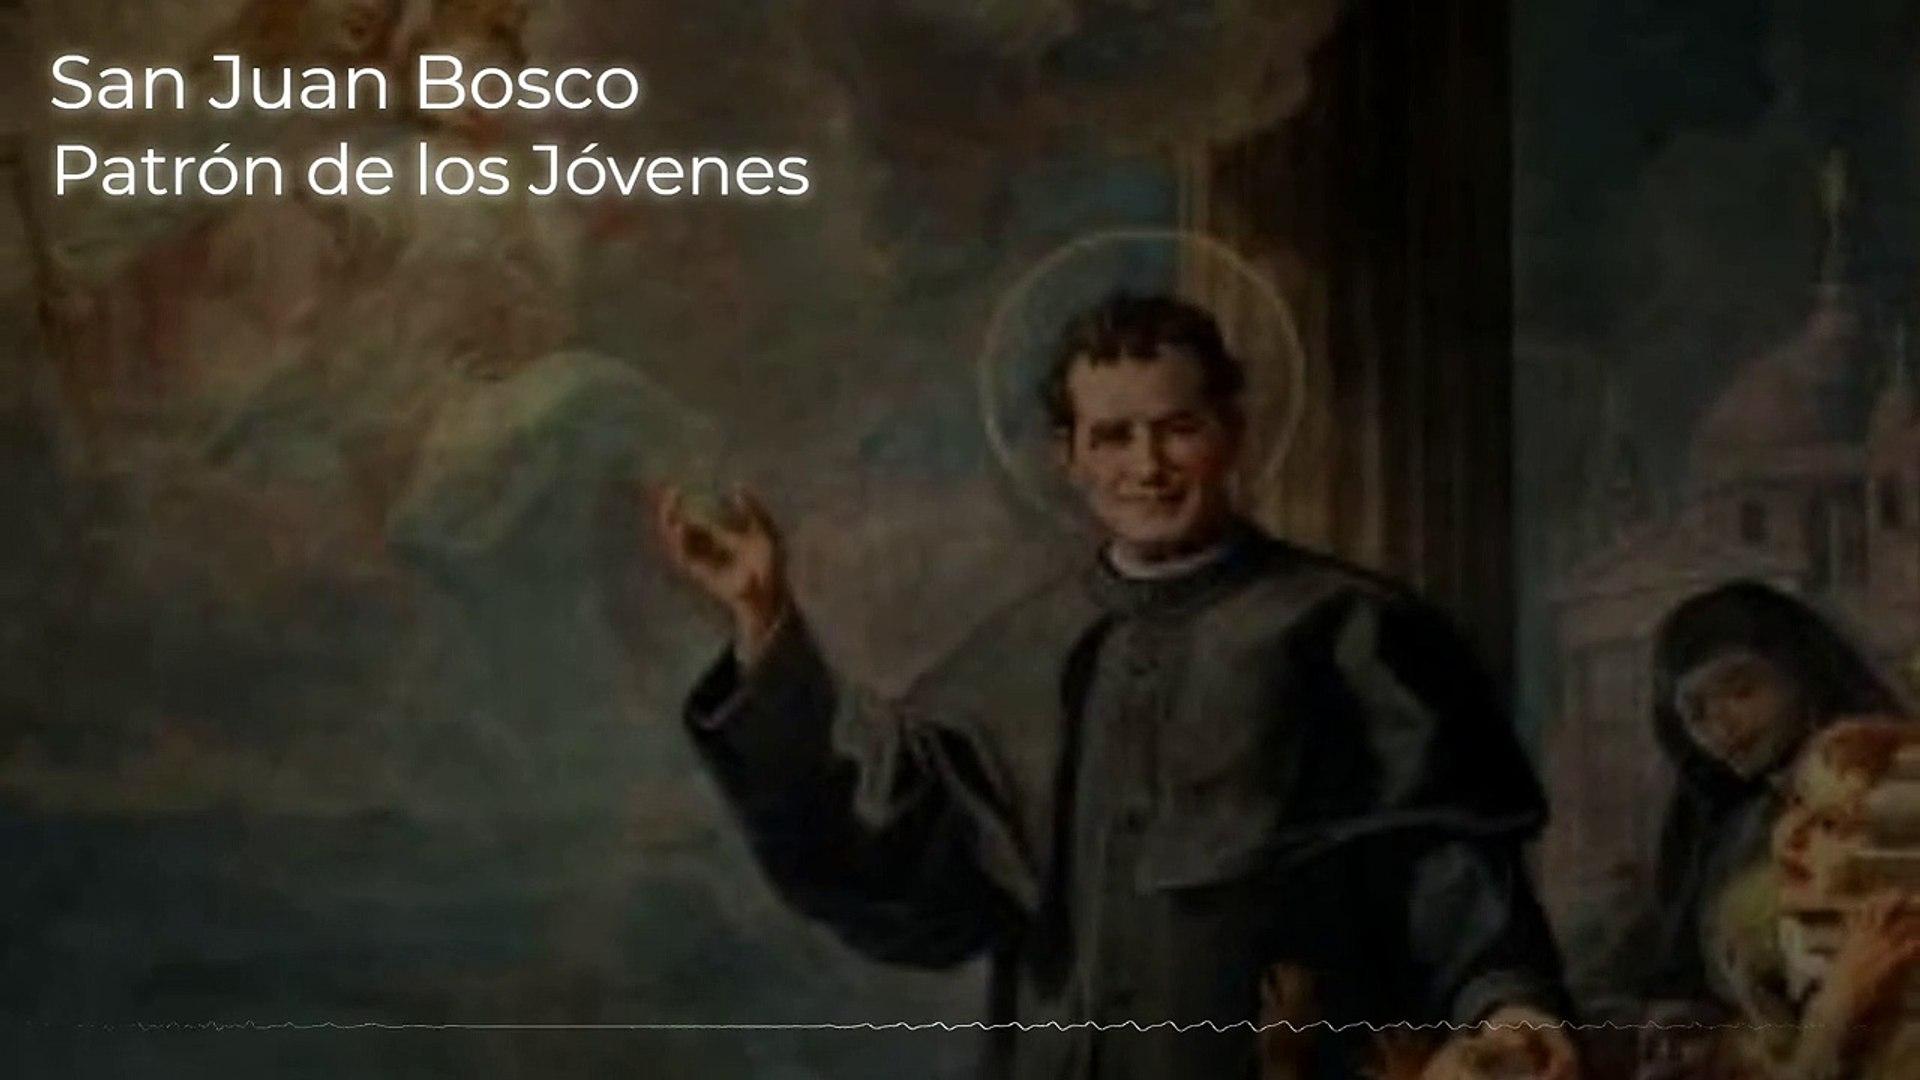 Don Bosco. Audio-biografia de San juan Bosco, patron de los jovenes